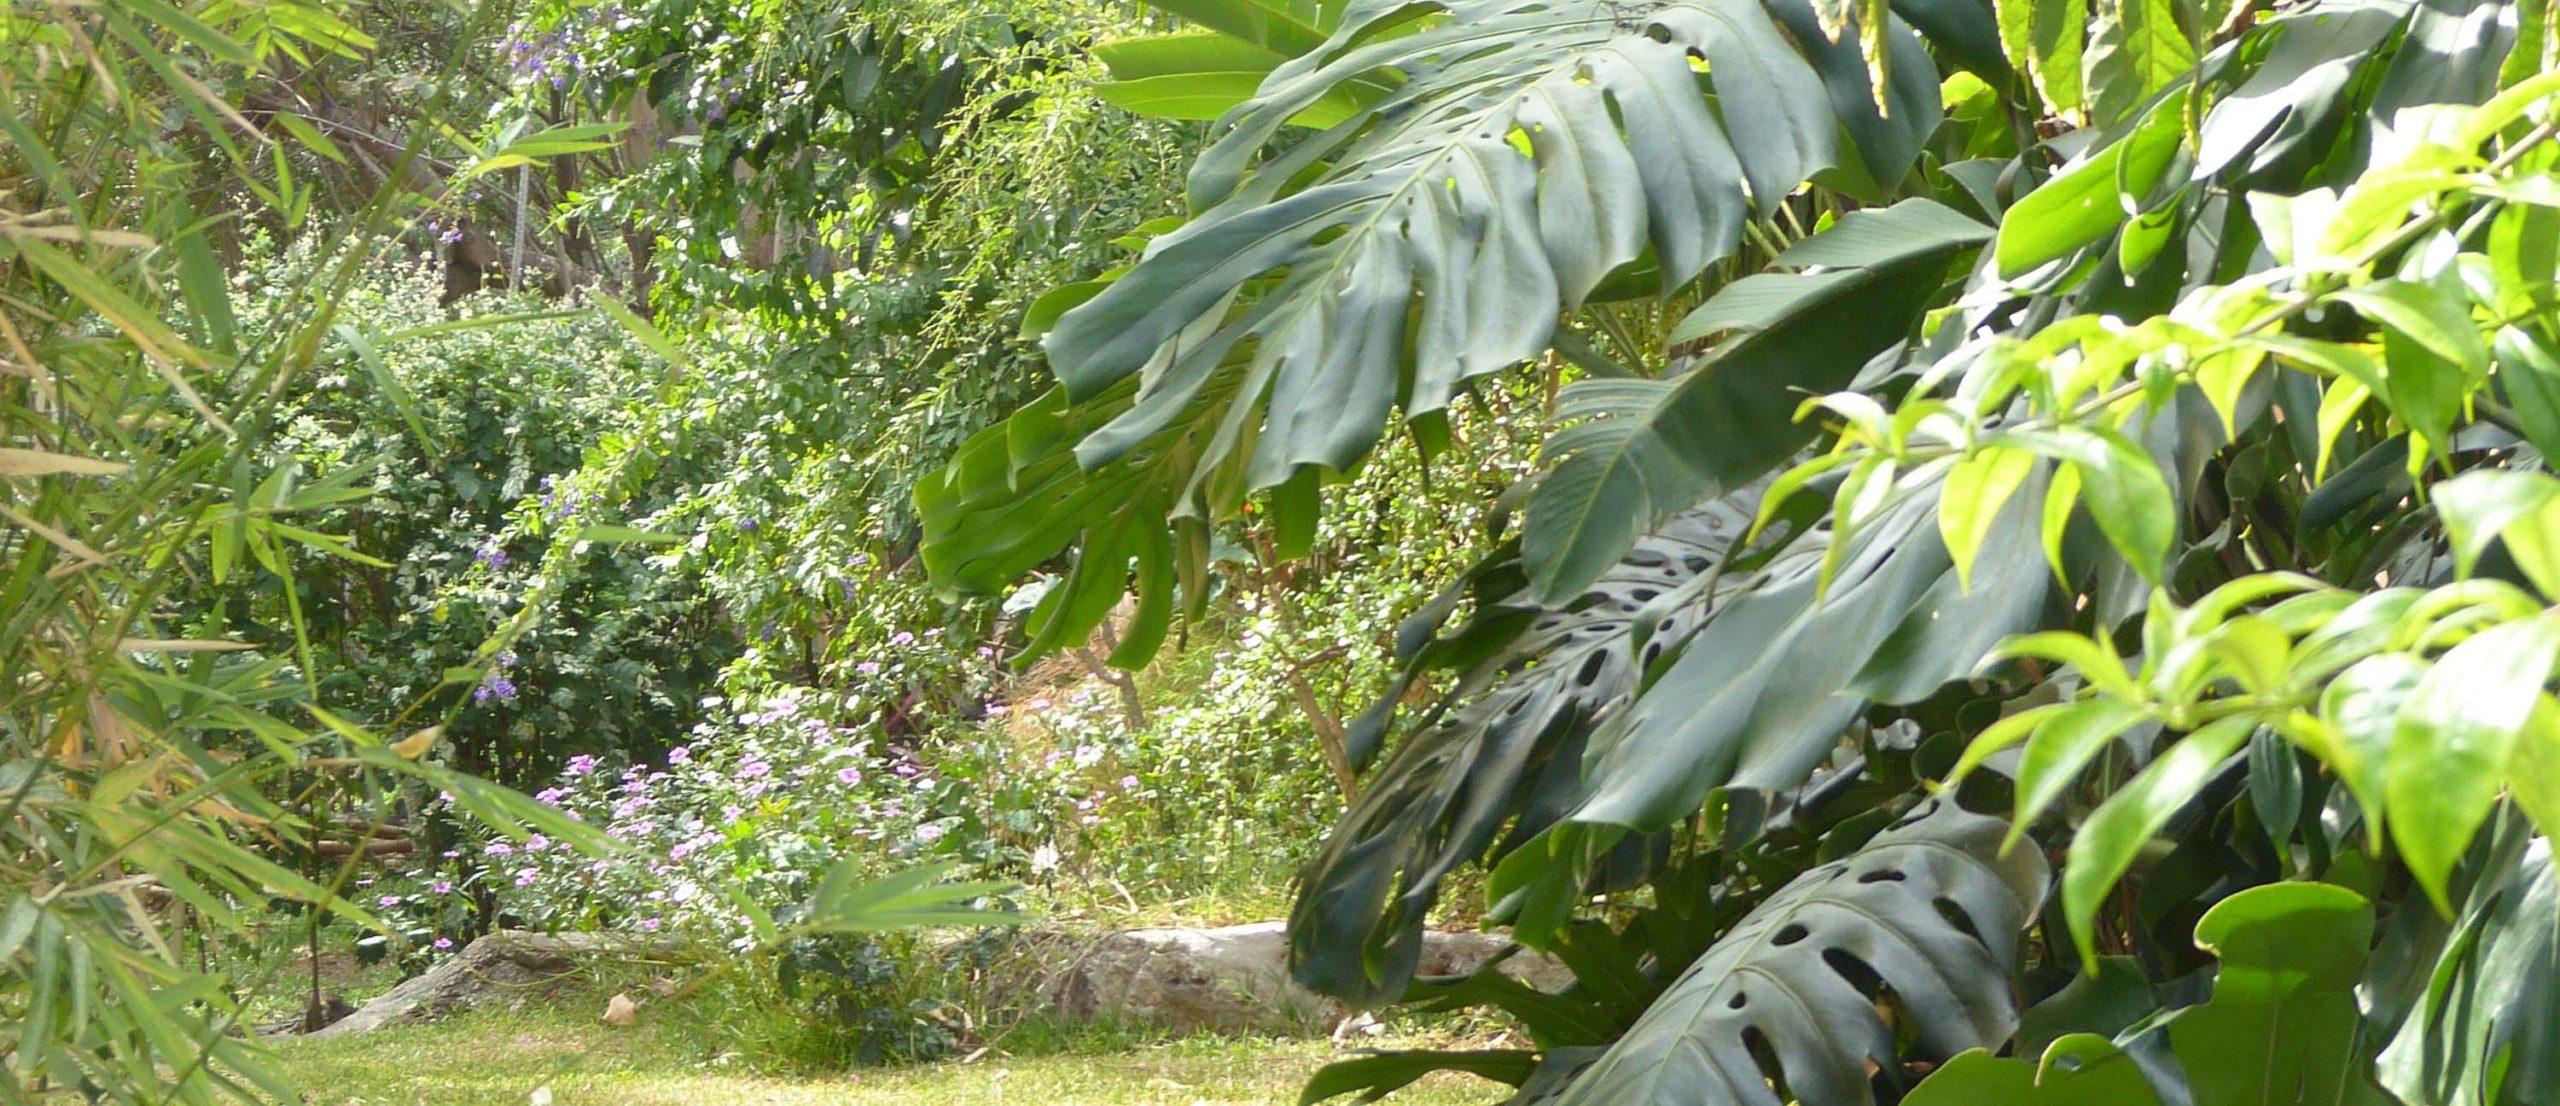 Le jardin et ses arbres